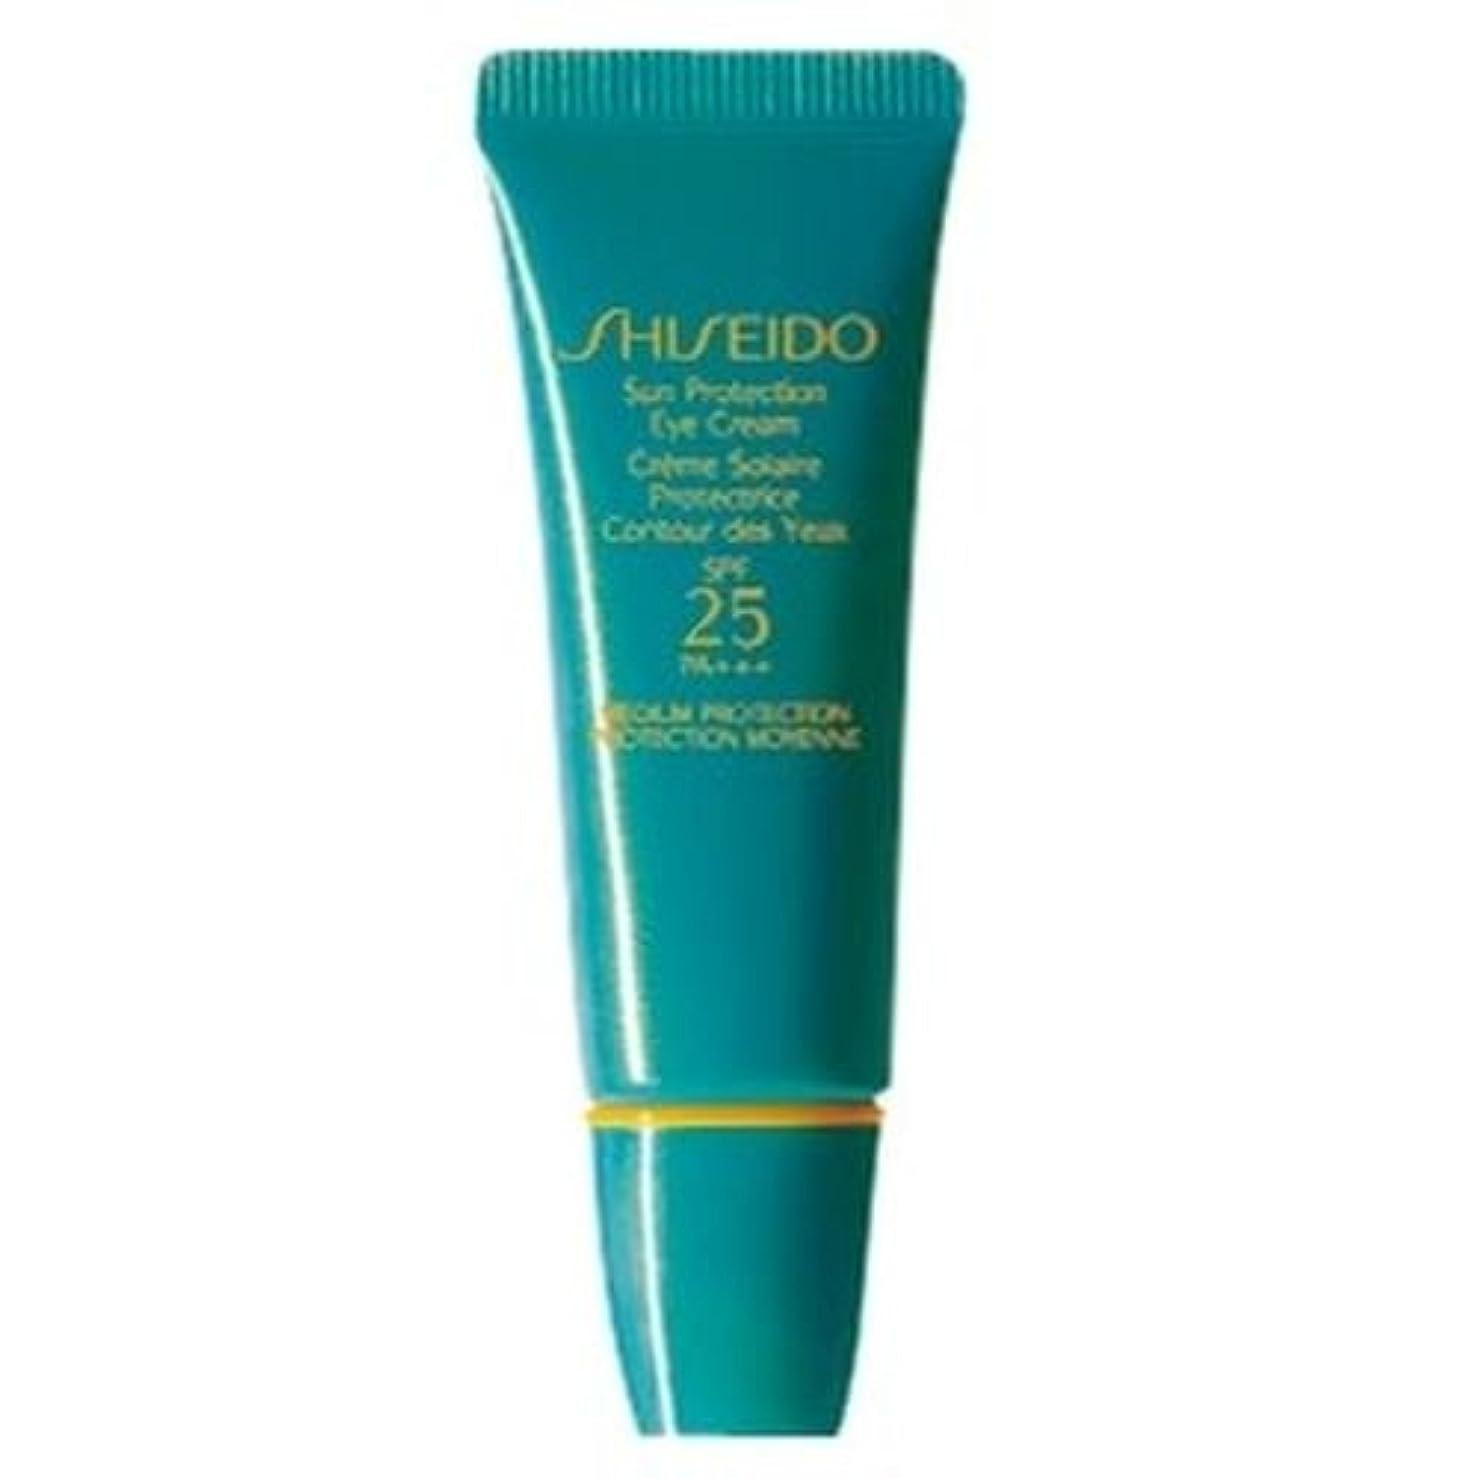 とティームビクターゴシップ[Shiseido] 資生堂サンプロテクションアイクリーム15ミリリットル - Shiseido Sun Protection Eye Cream 15ml [並行輸入品]